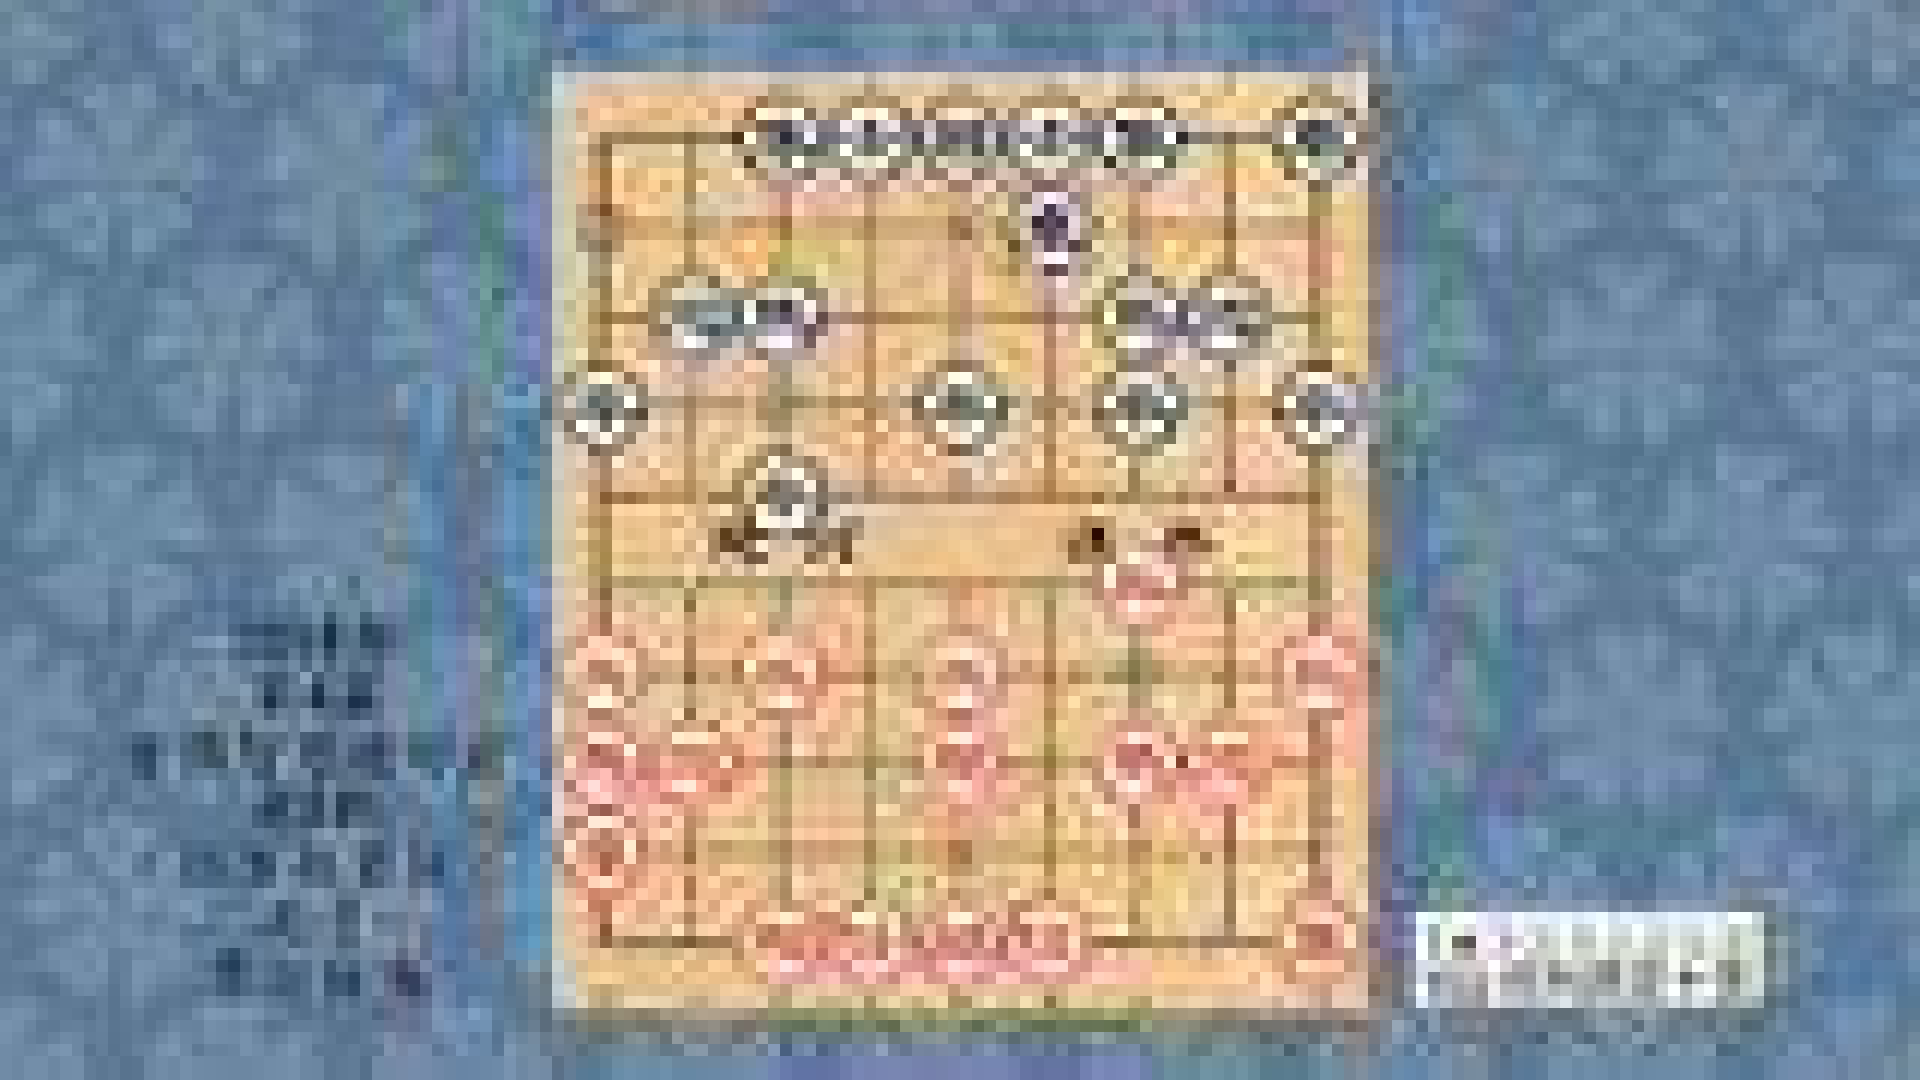 2019年第4届全国智力运动会象棋5轮,孙勇征先负程鸣